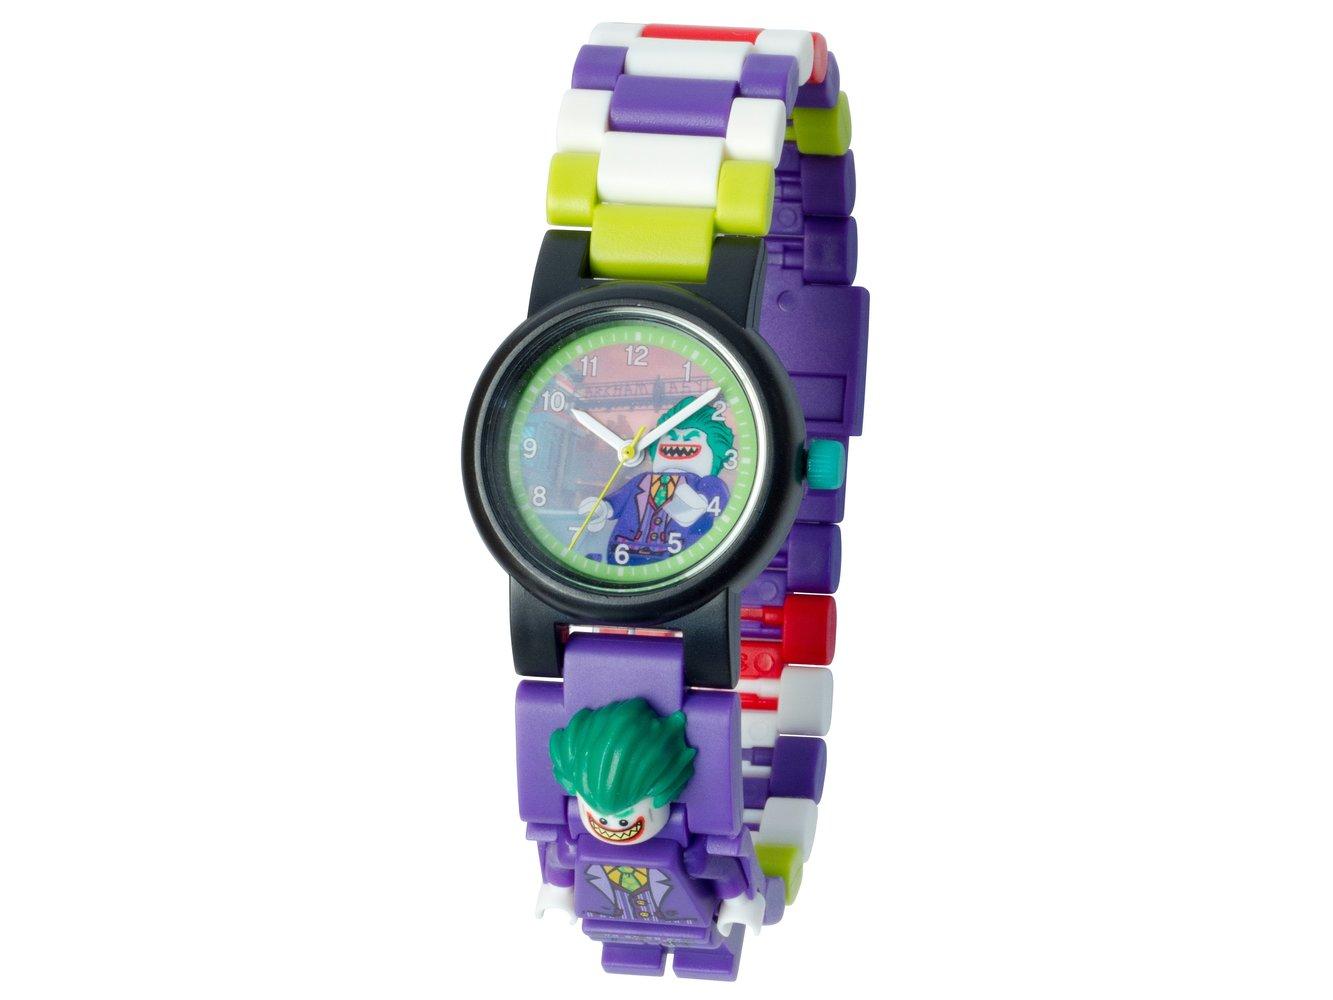 The Joker Minifigure Link Watch